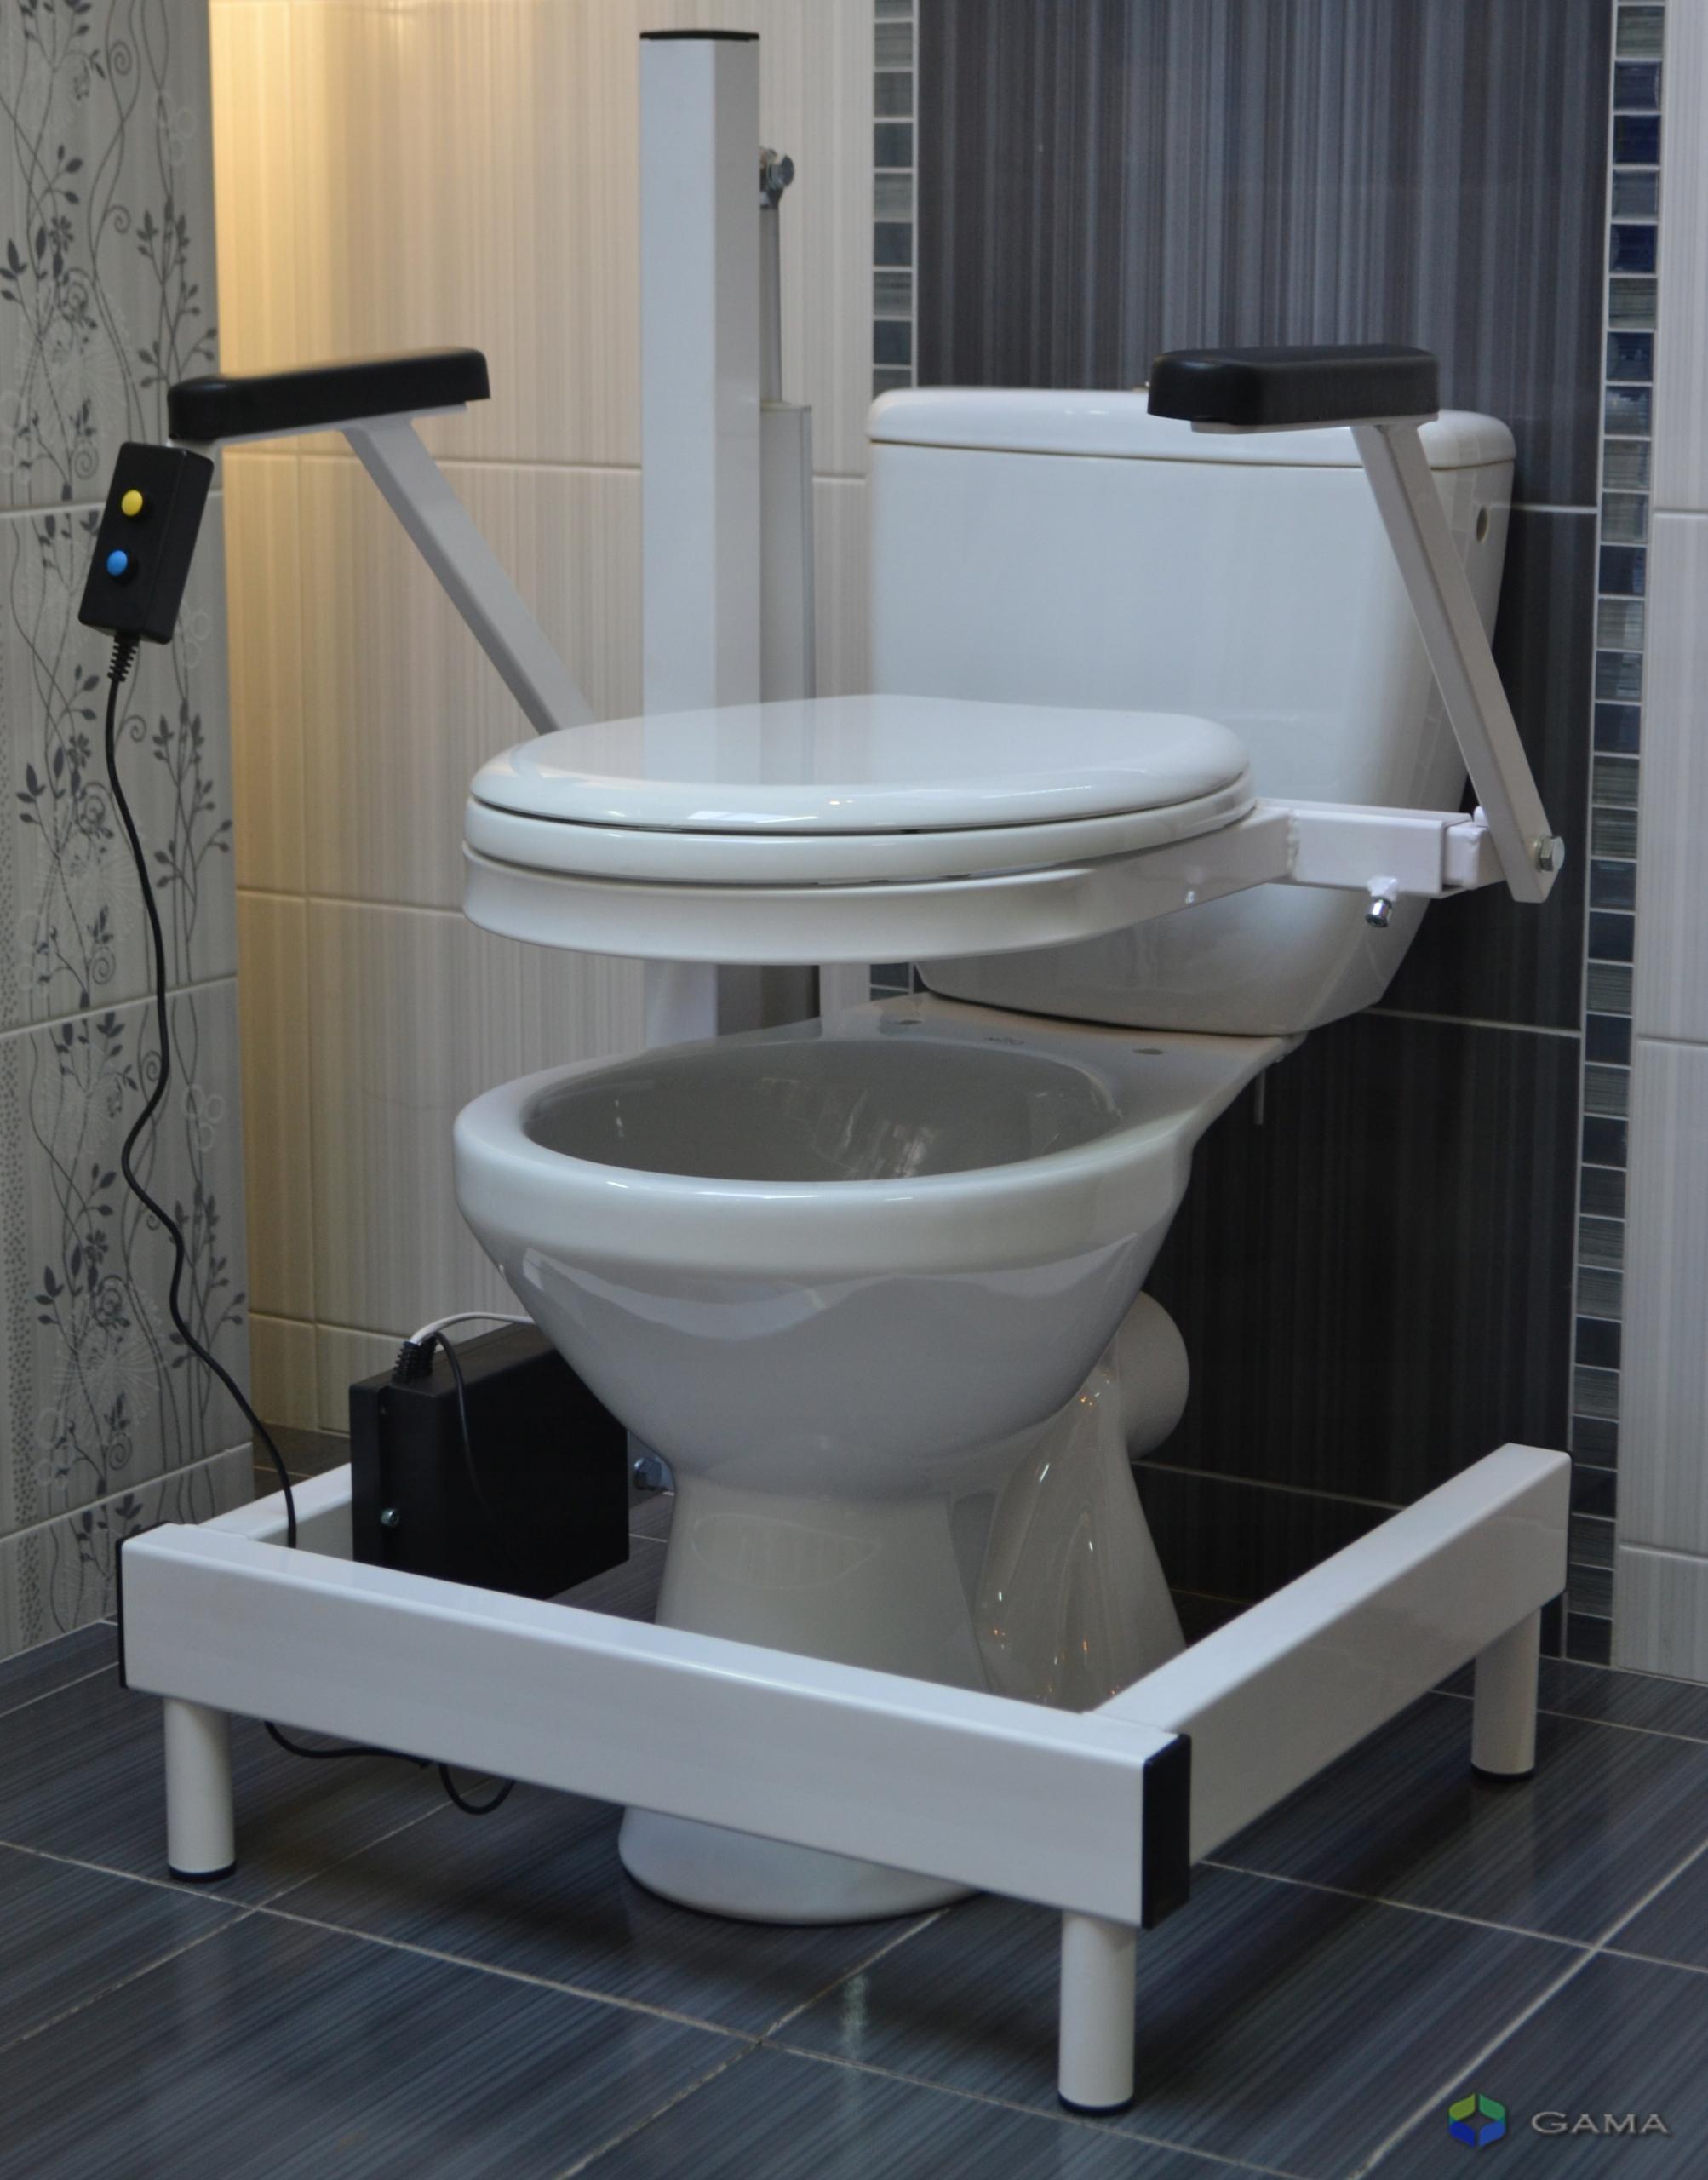 Podnośnik toaletowy elektryczny PW GAMA krzesło 7449436090